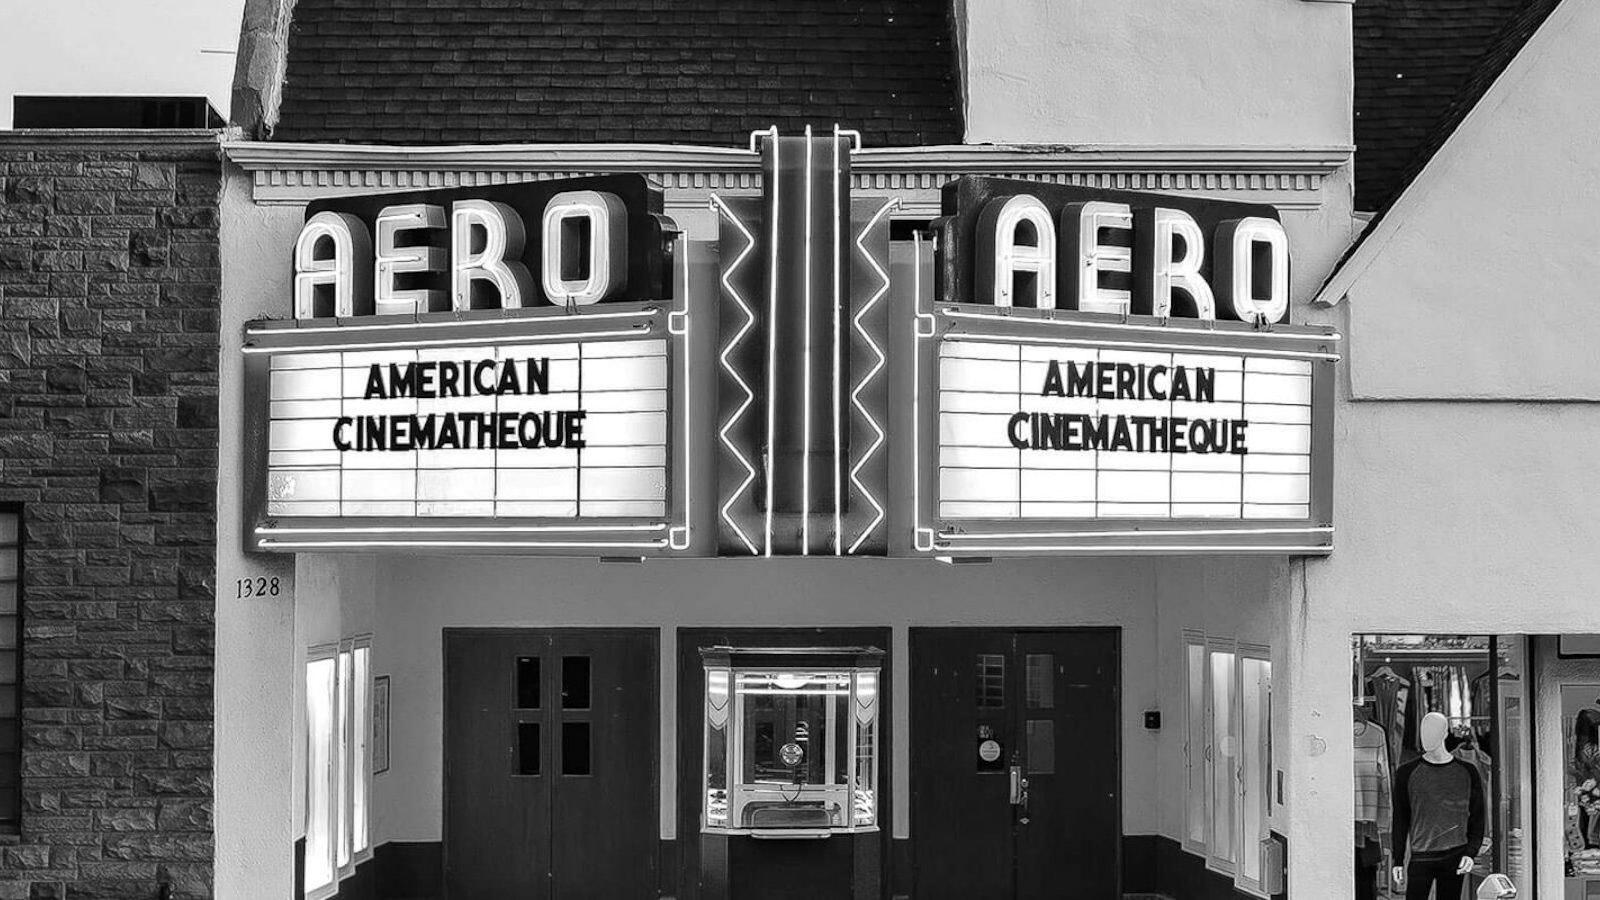 The Aero Theatre